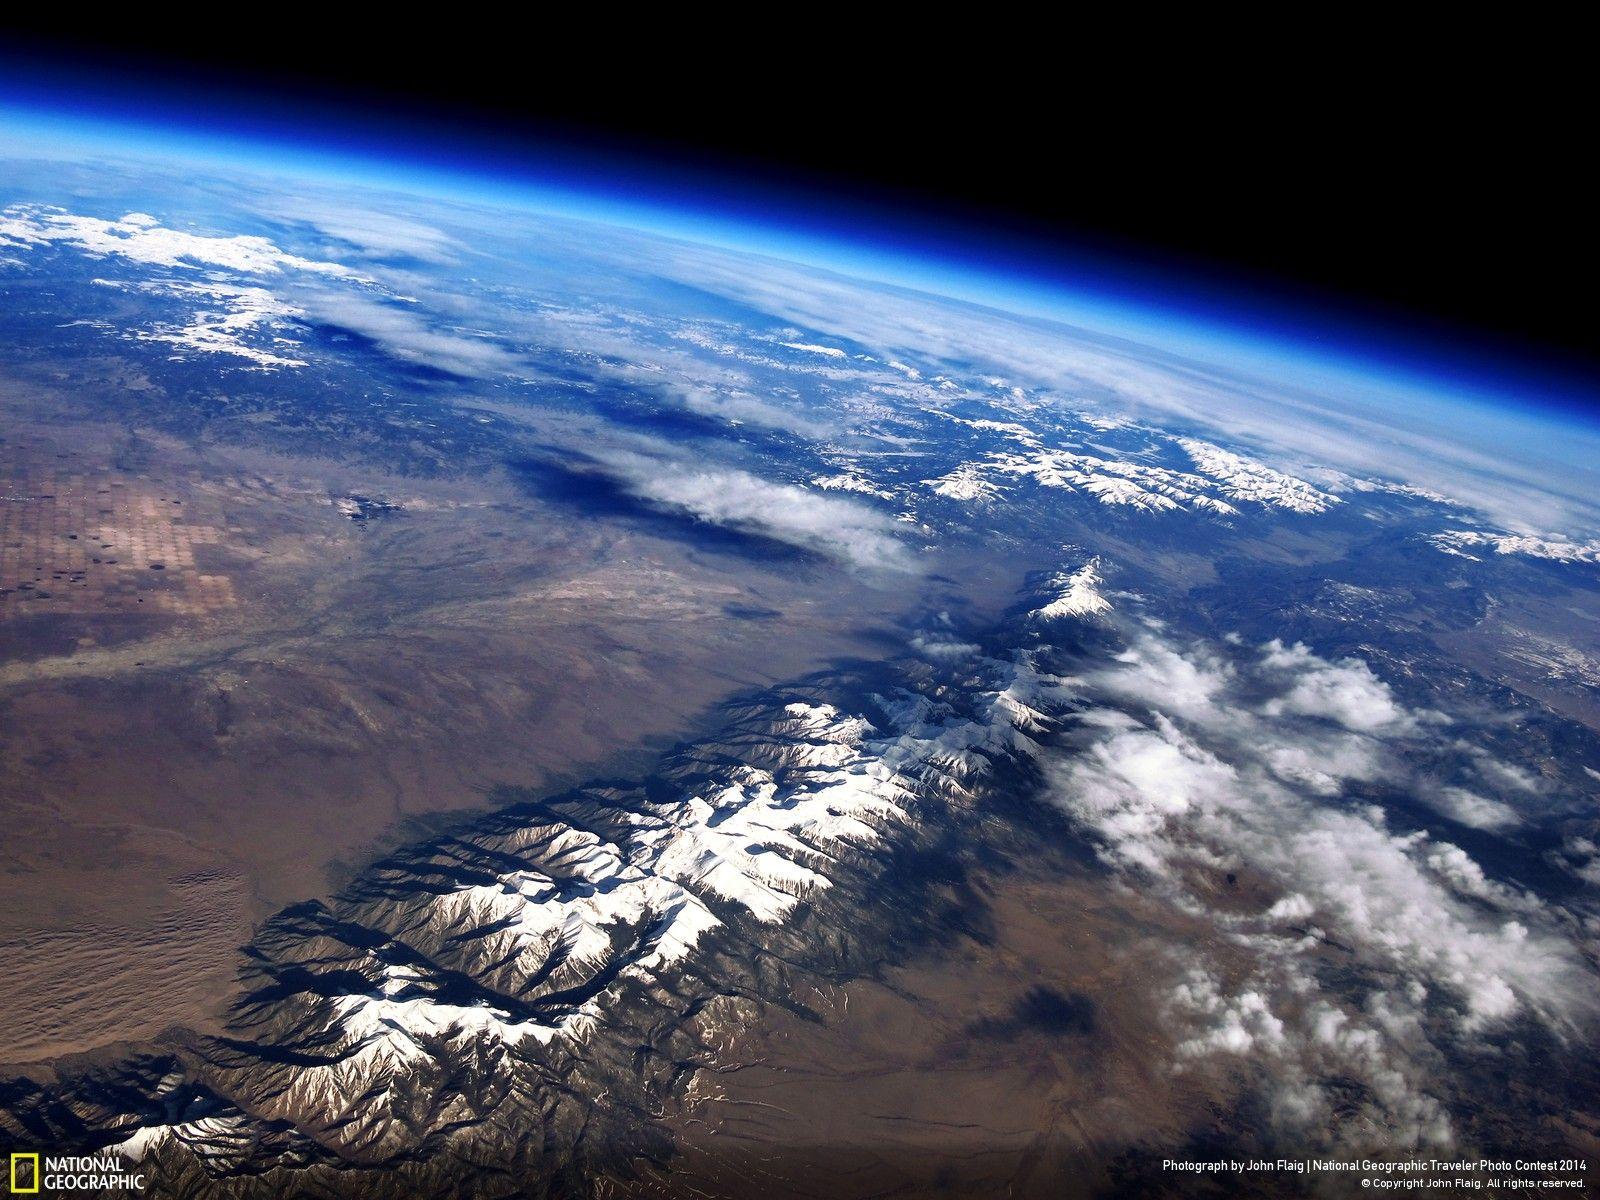 Sangre De Cristo Range Colorado From 98000 Feet Up On A Weather Balloon By John Flaig Imgur